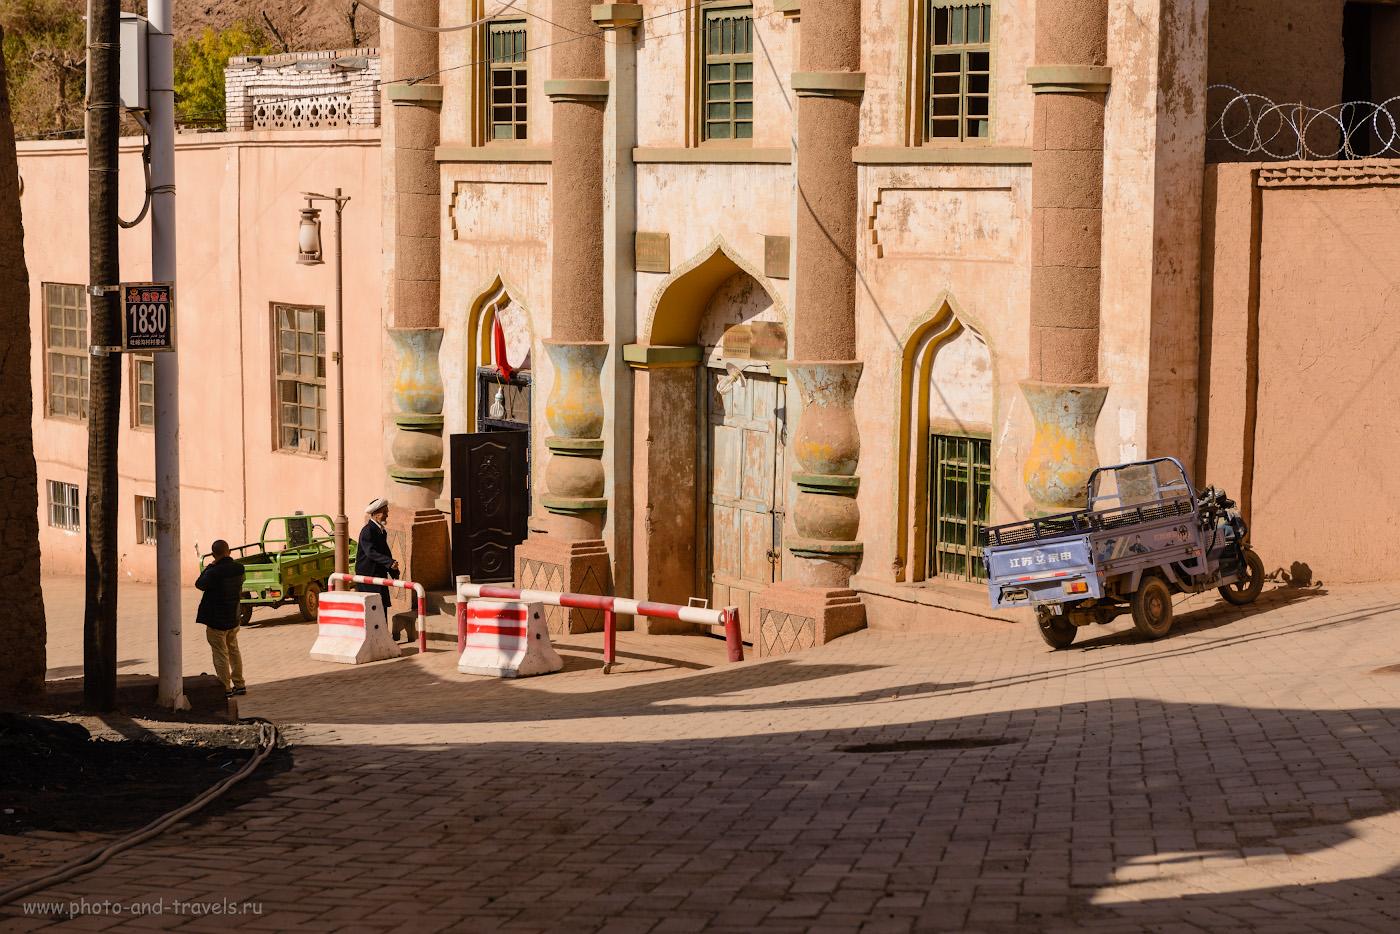 Фото 4. Имам у входа в мечеть в кишлаке Туюк-мазар. Самостоятельное путешествие по северо-западу Китая. 1/500, 8.0, 100, 70.